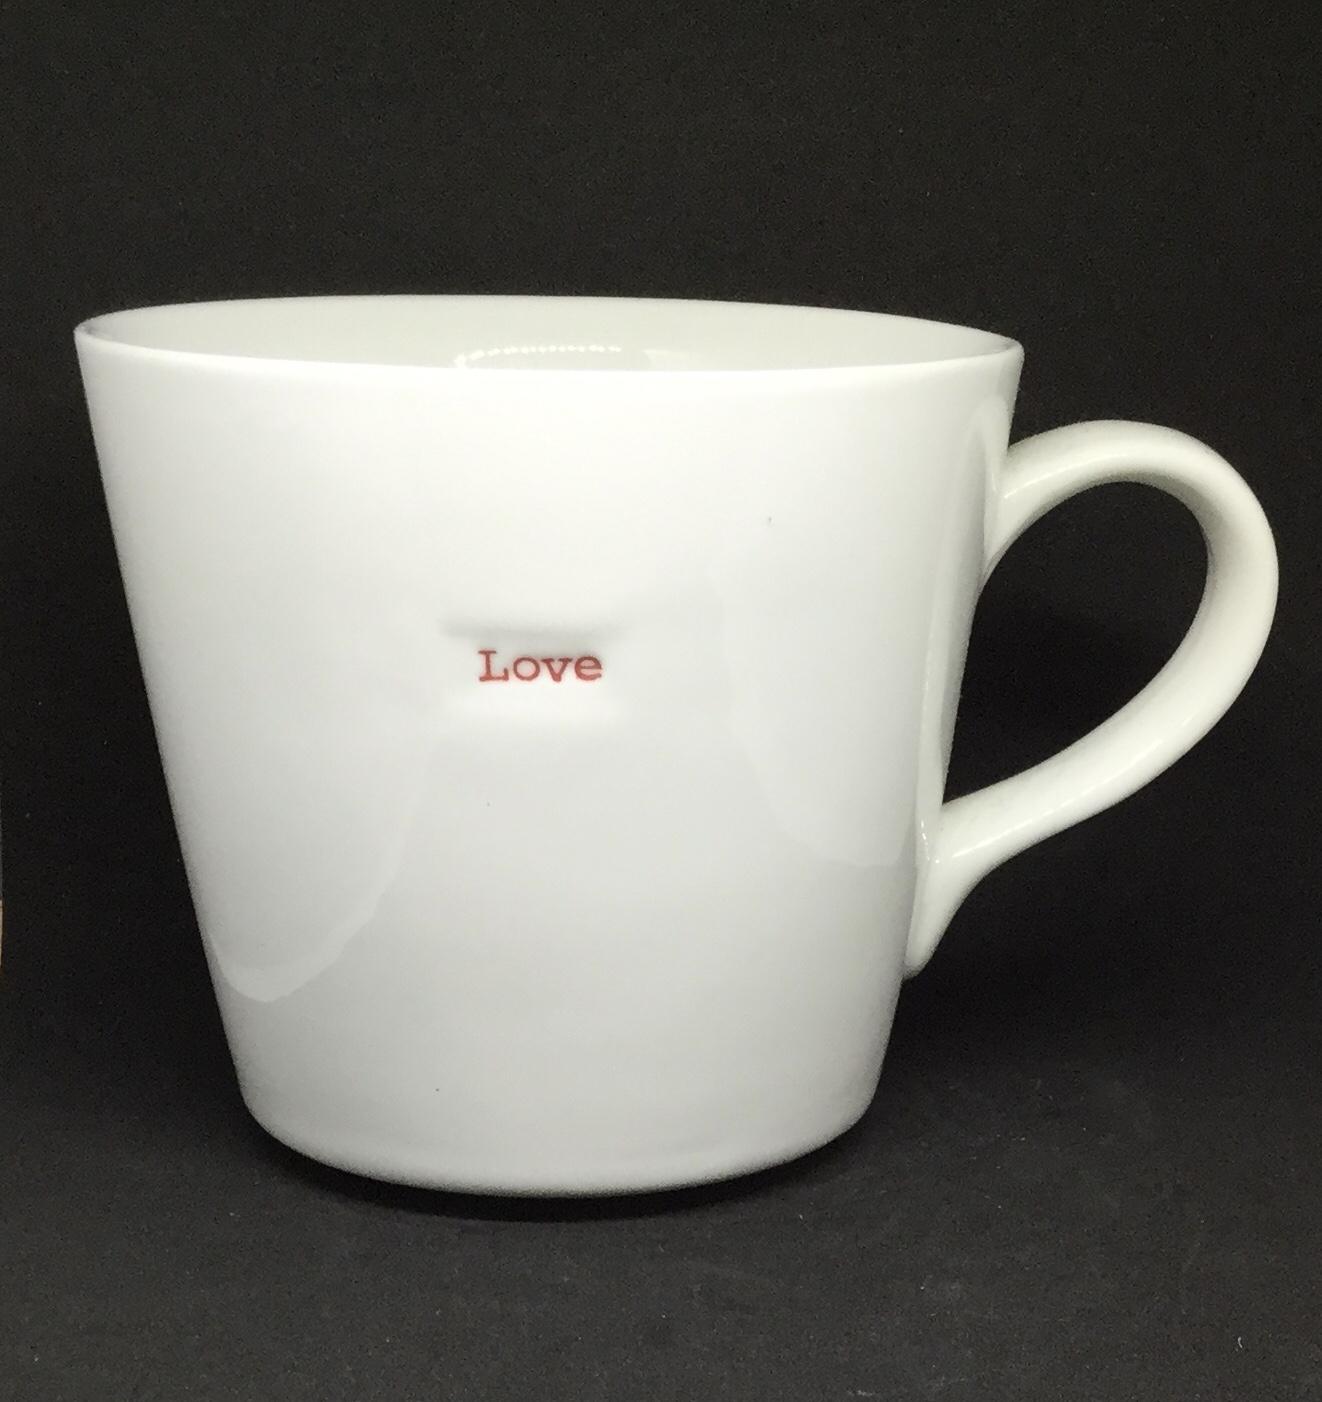 'Love' fine bone China mug